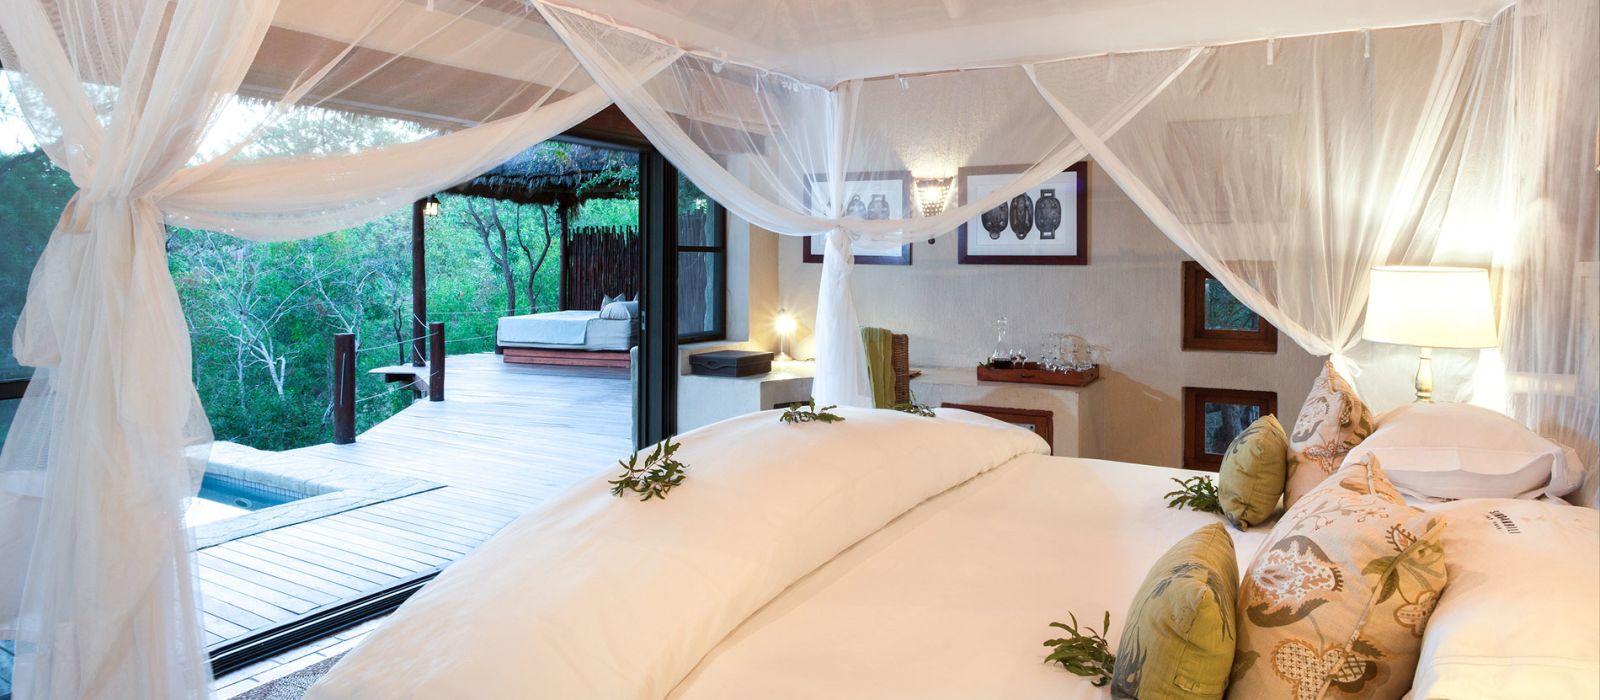 Hotel Thornybush Simbambili Game Lodge South Africa